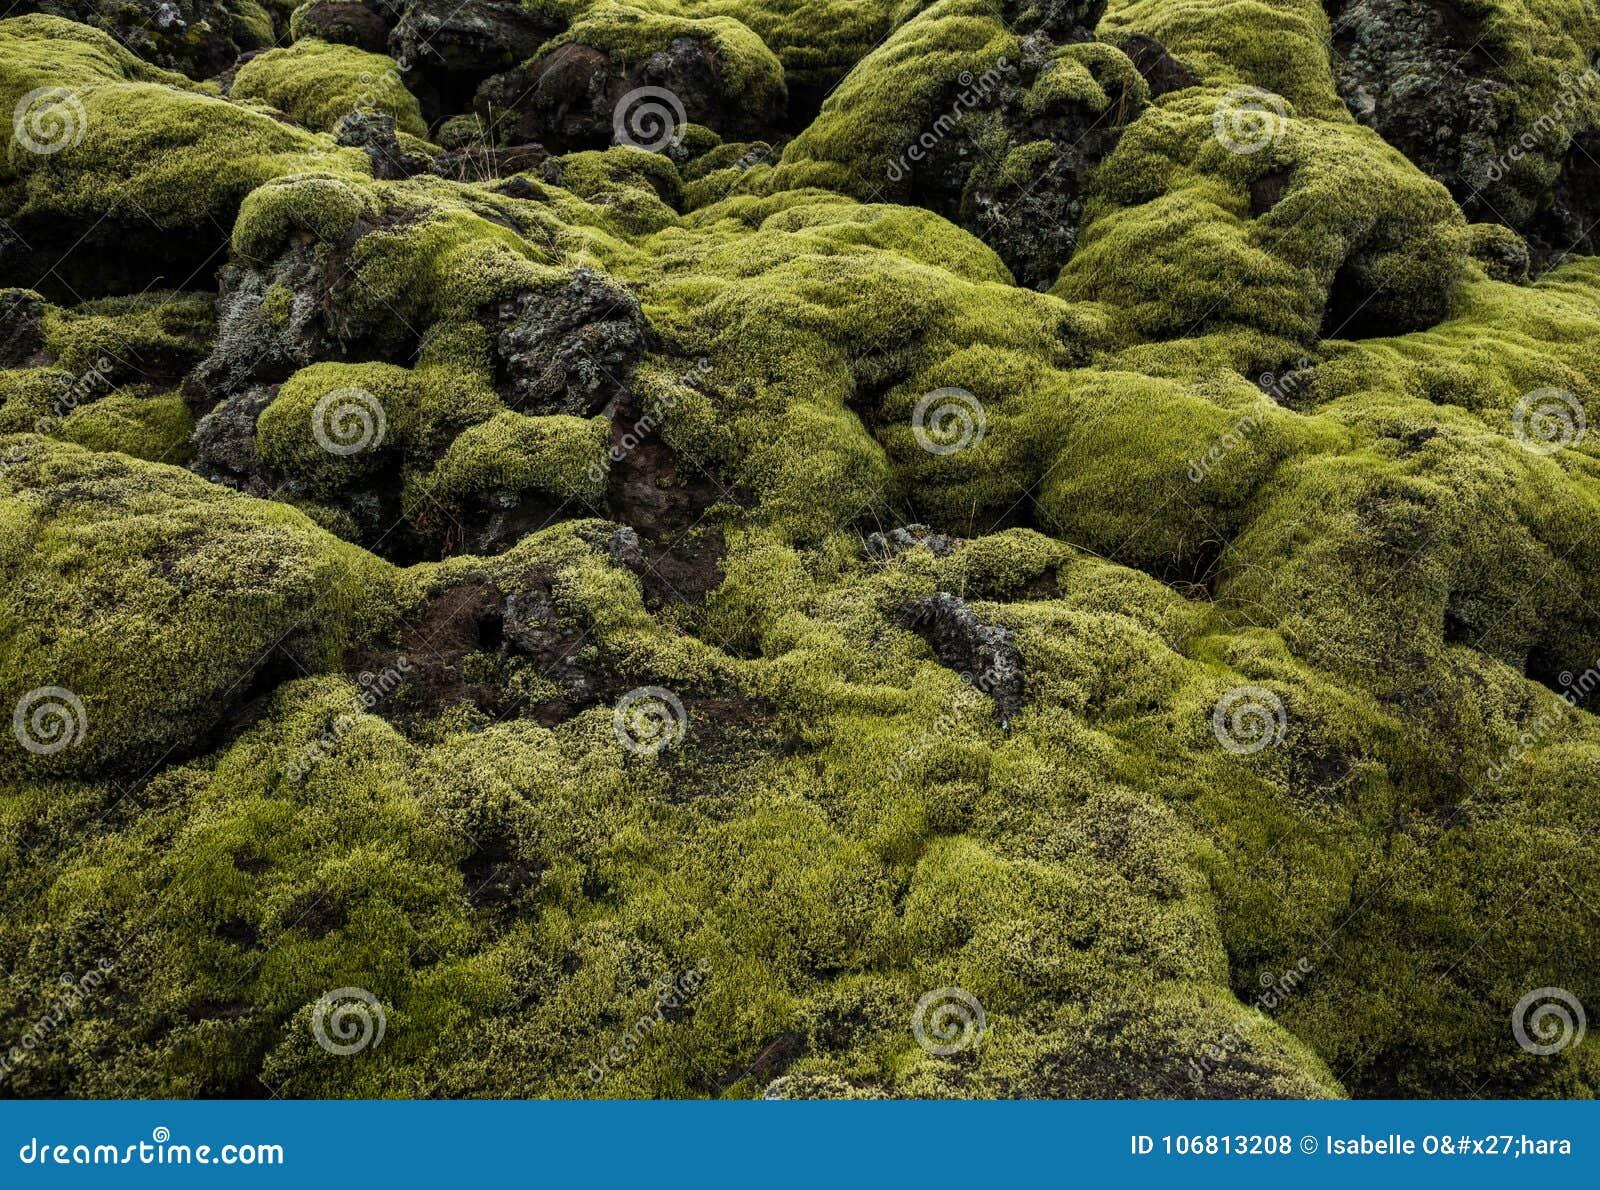 Islandais Lava Field Landscape avec la roche volcanique couverte par la mousse verte luxuriante